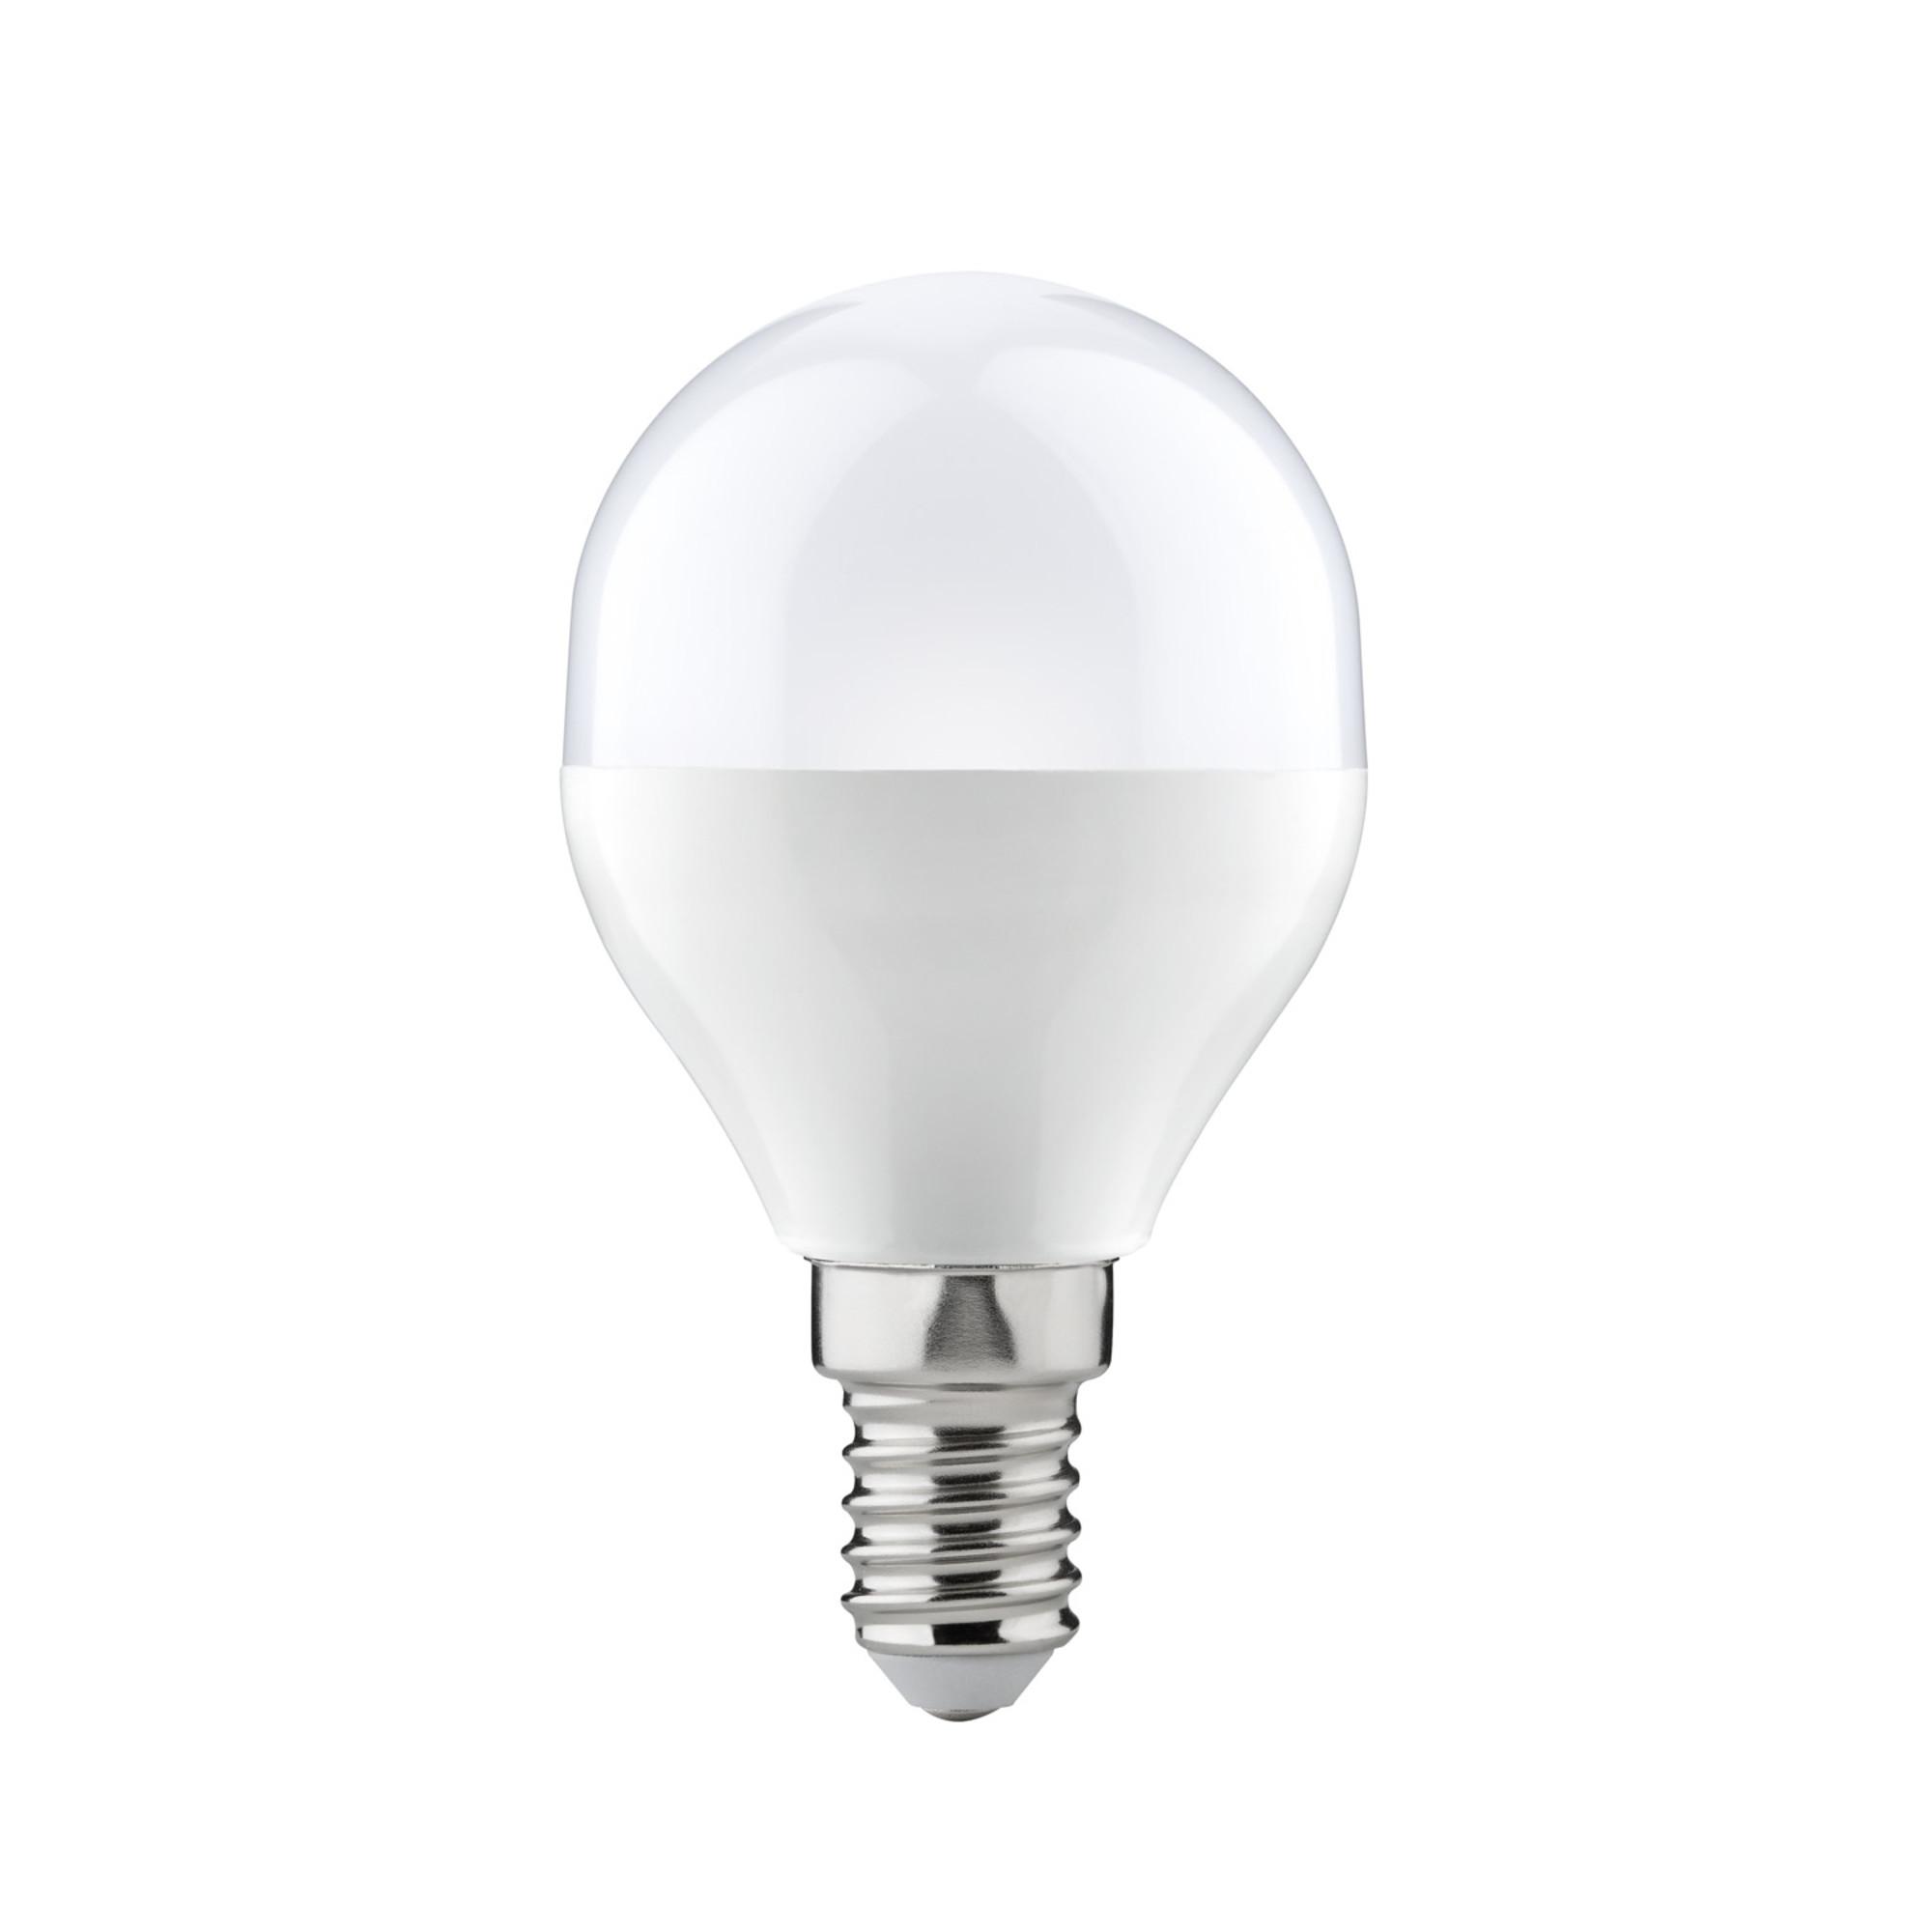 Лампа Paulmann 28293 E14 250 Лм теплый свет